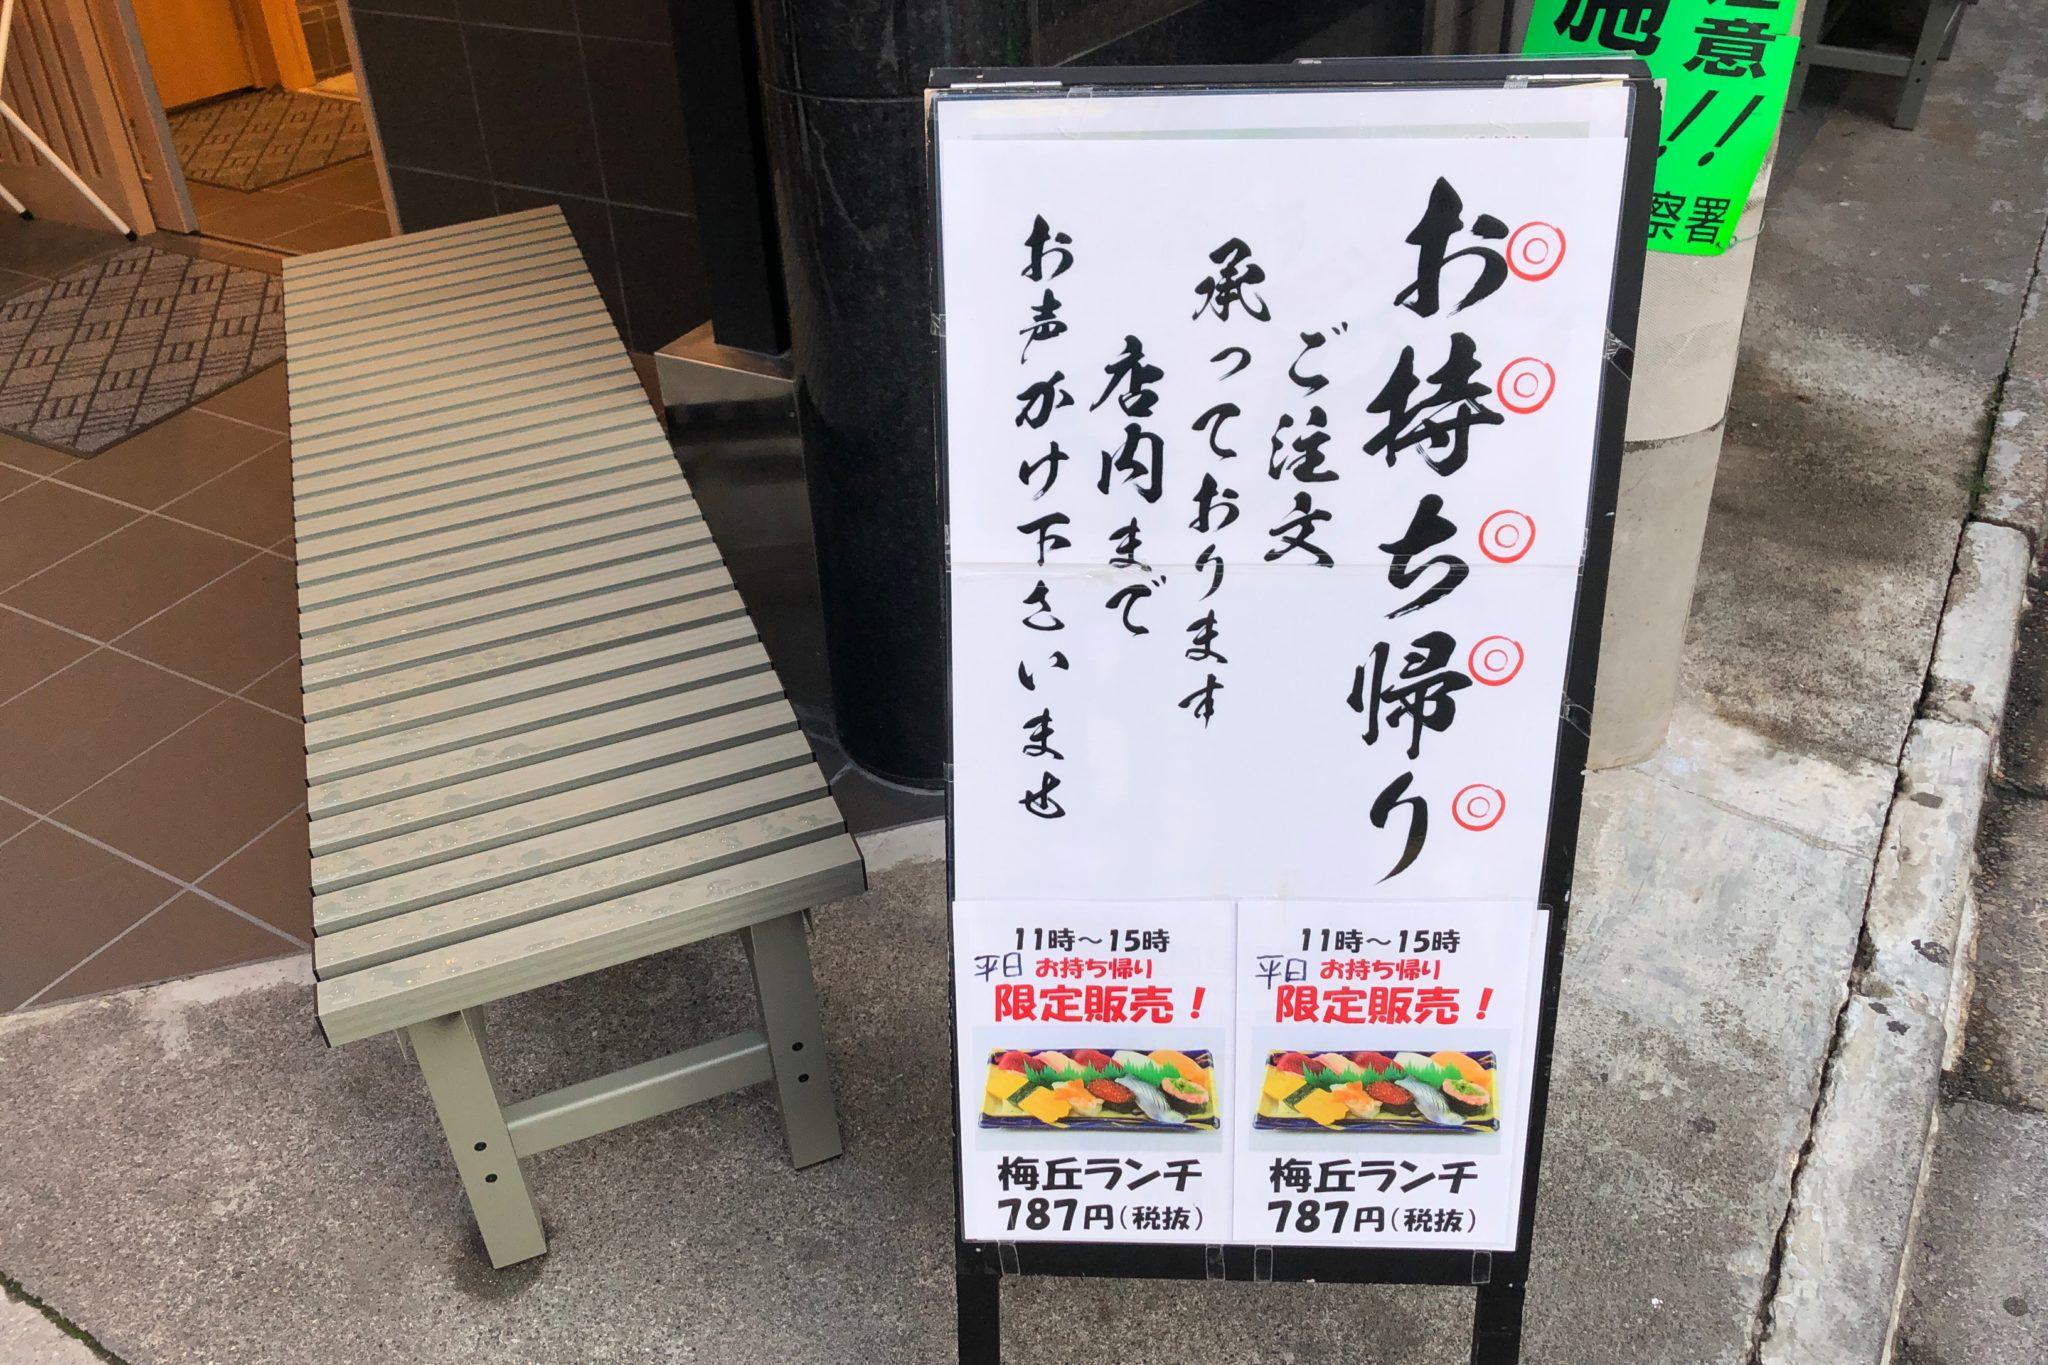 梅ヶ丘の美登利寿司のテイクアウト